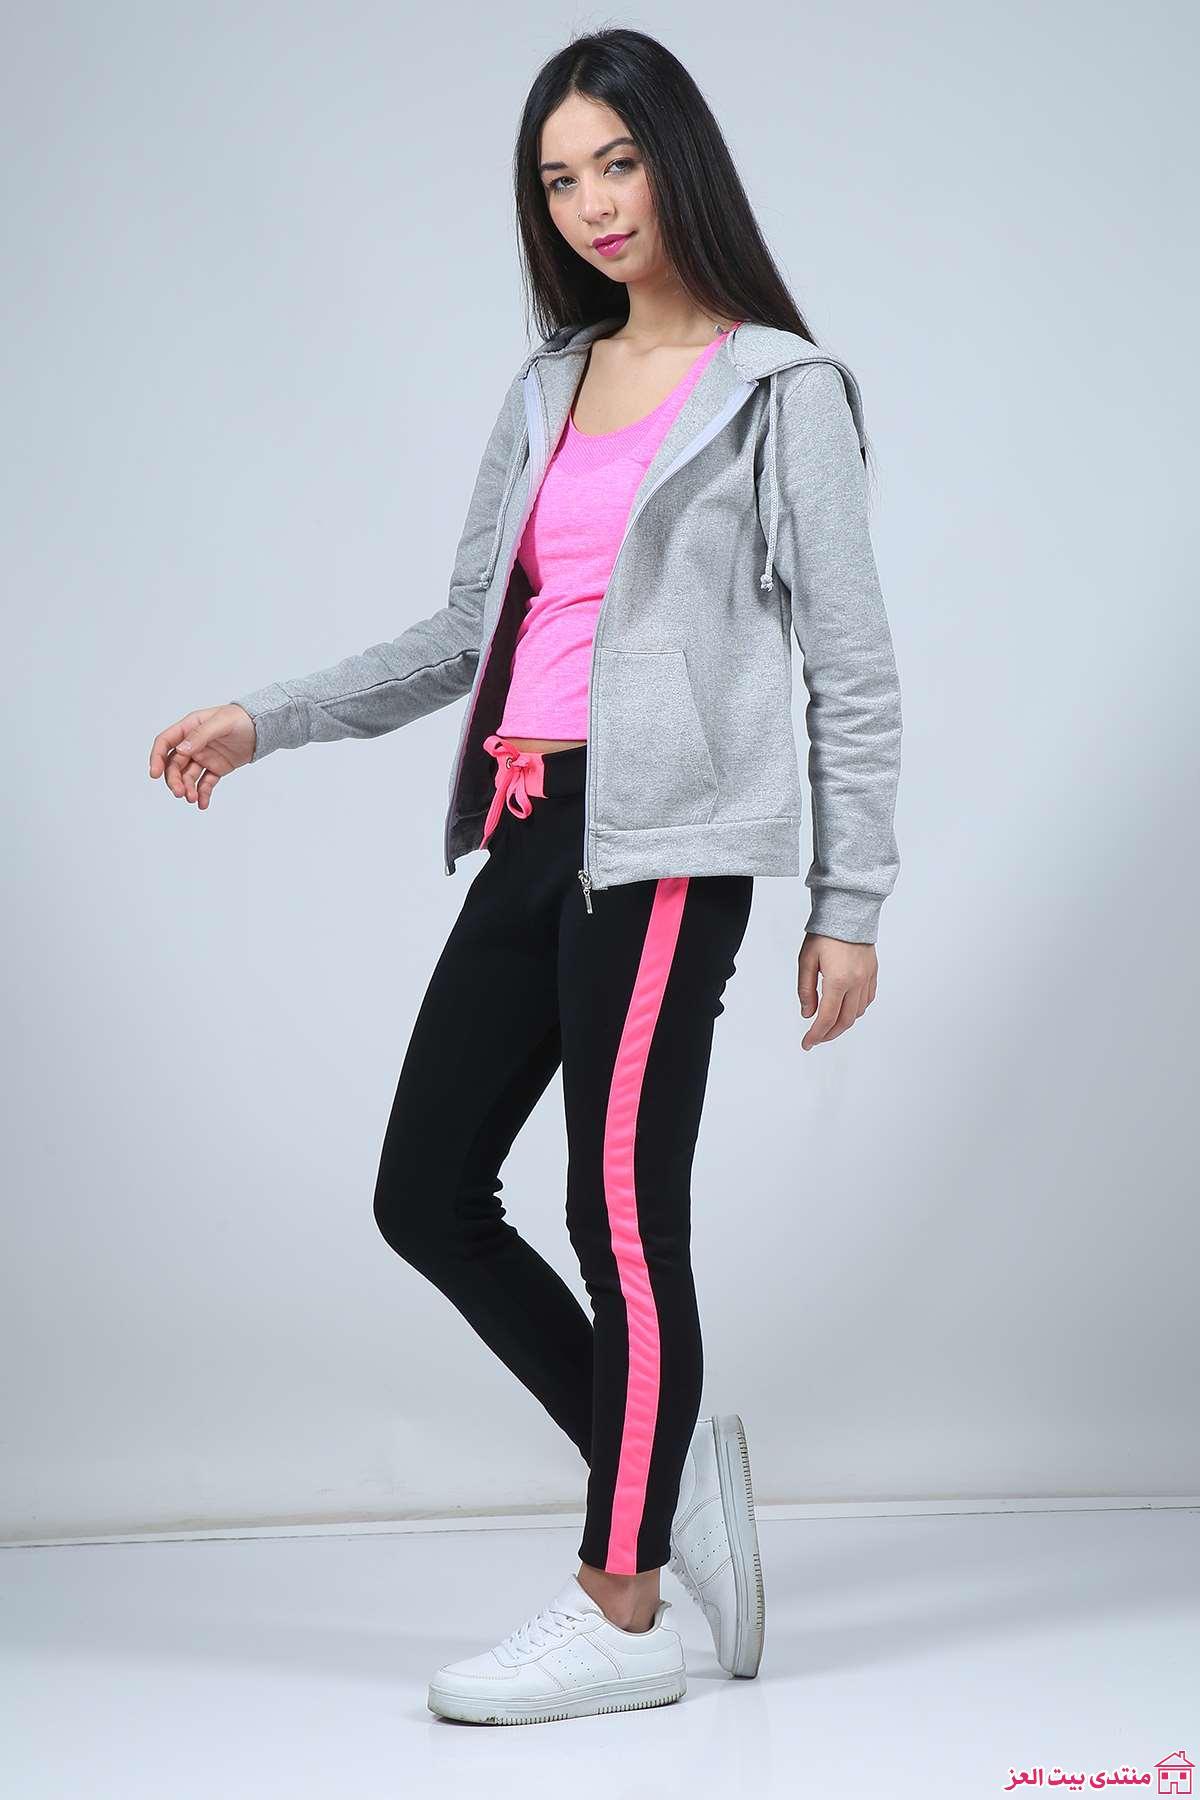 صورة صور بيجامات بنات , الموضة للبنات في البيجامات